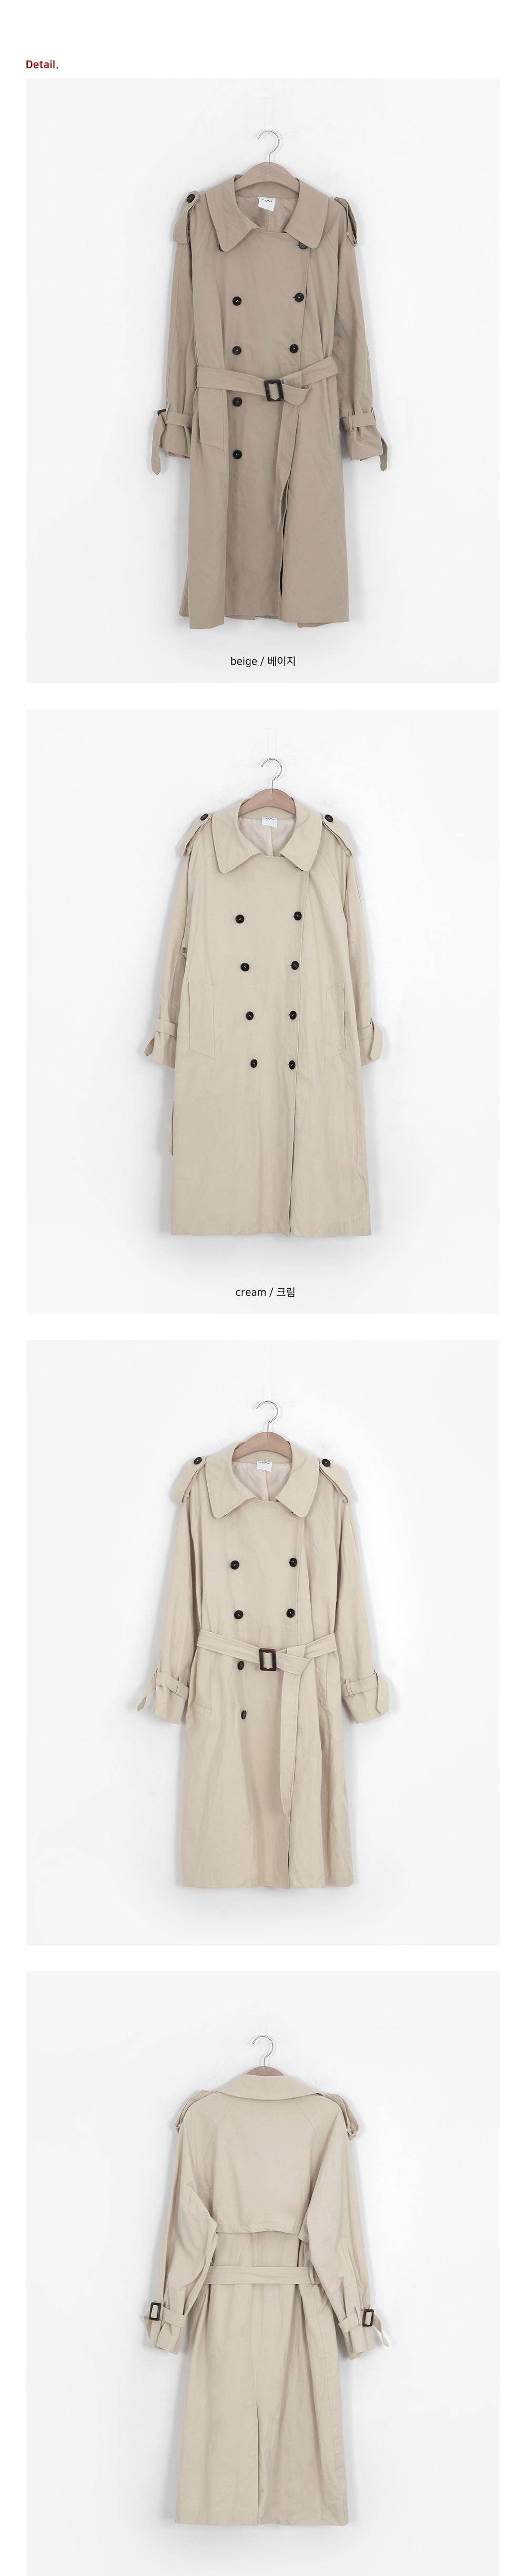 Mocha Cream Double Trench Coat